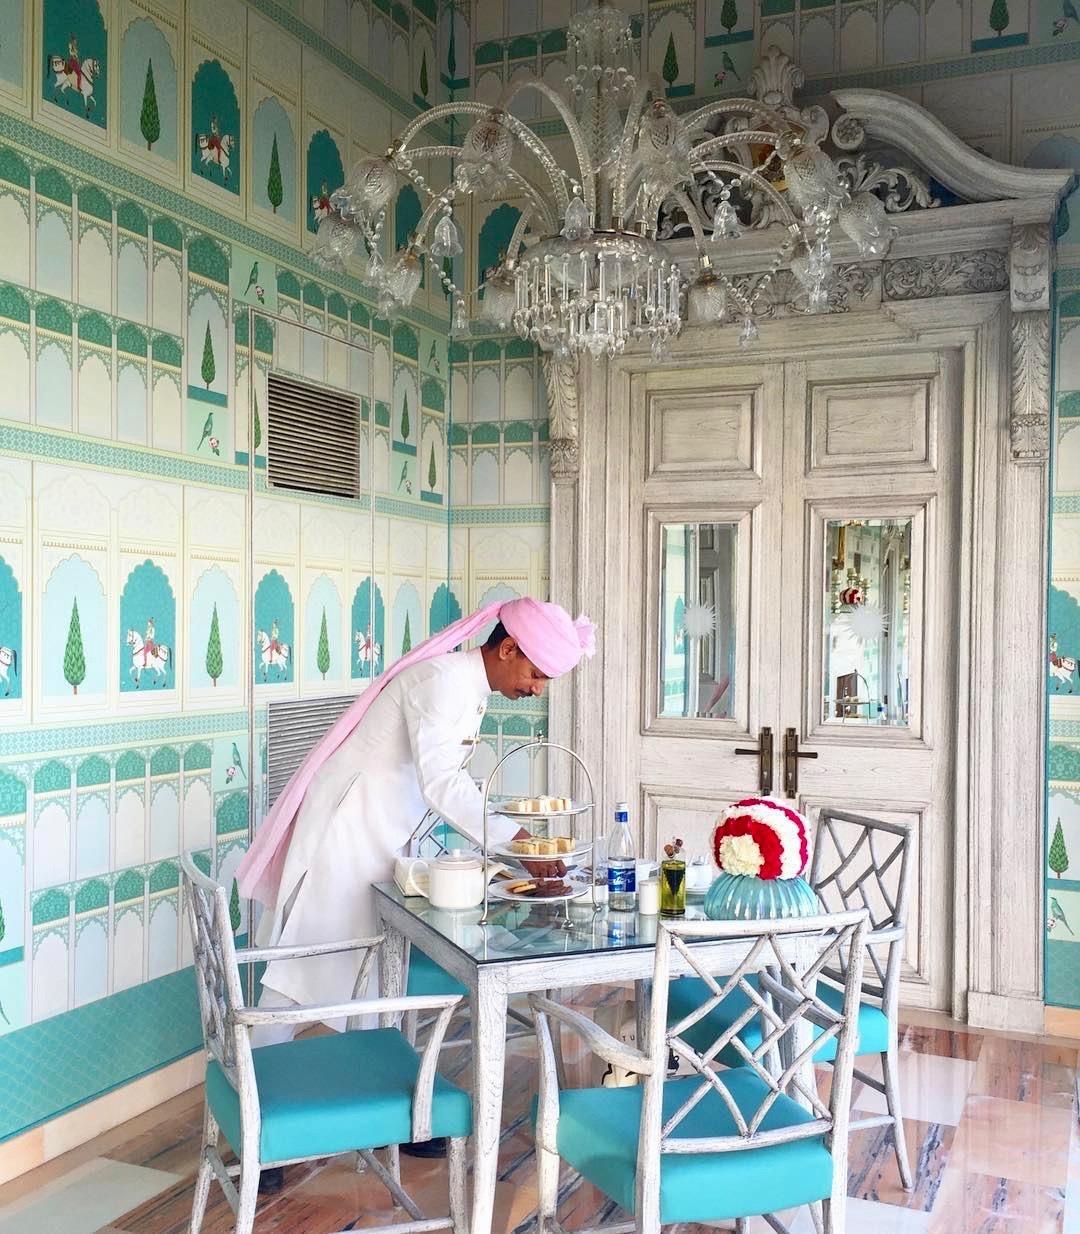 sujan-rajmahal-palace-hotel-jaipur-india-13.jpg?mtime=20190520091626#asset:14428